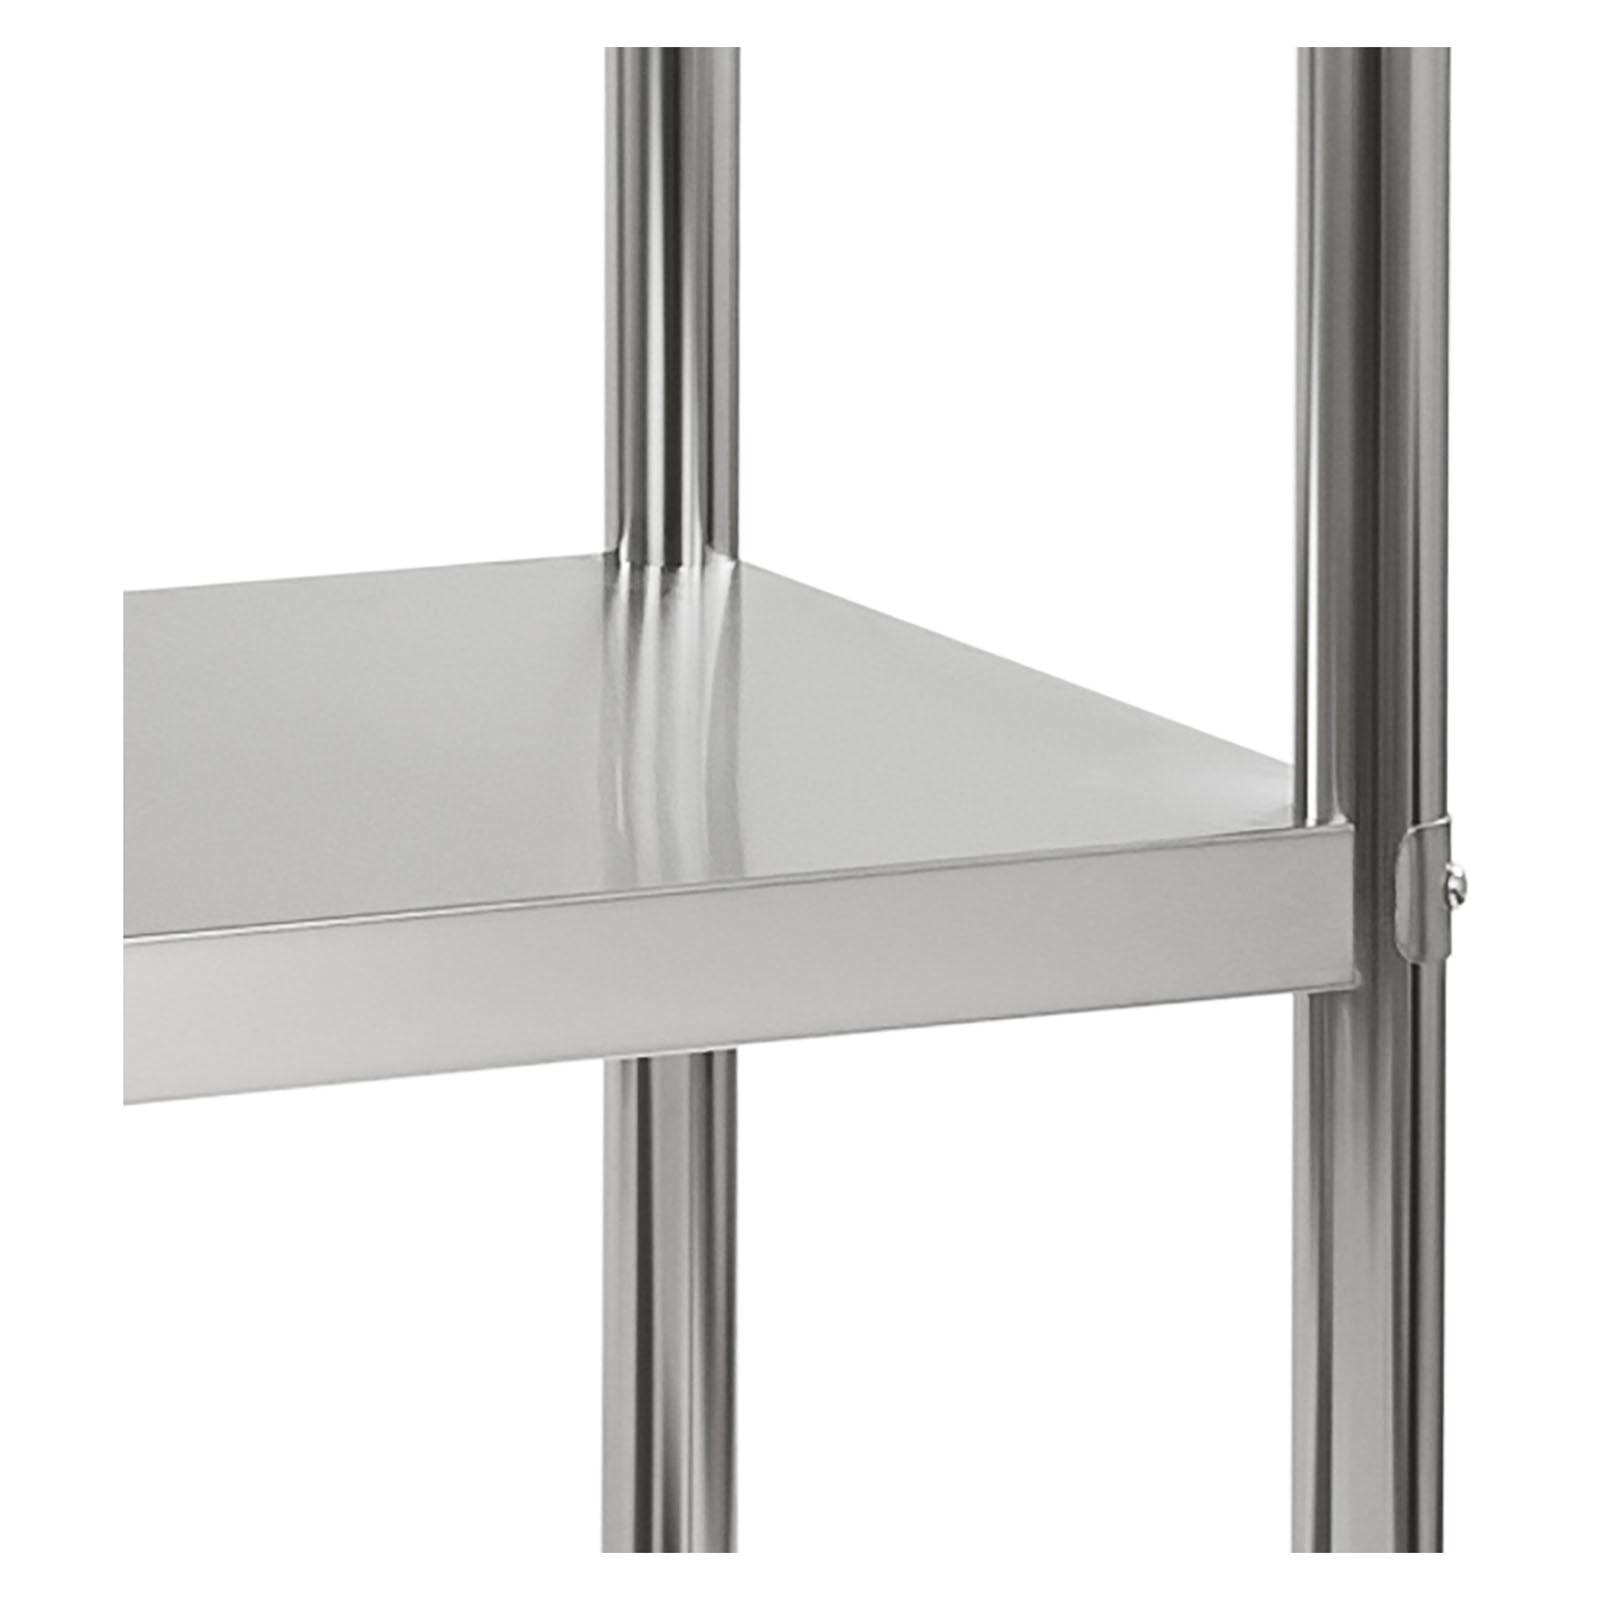 Stainless Steel Shelving Storage 4 Shelves Rack Shelf 120